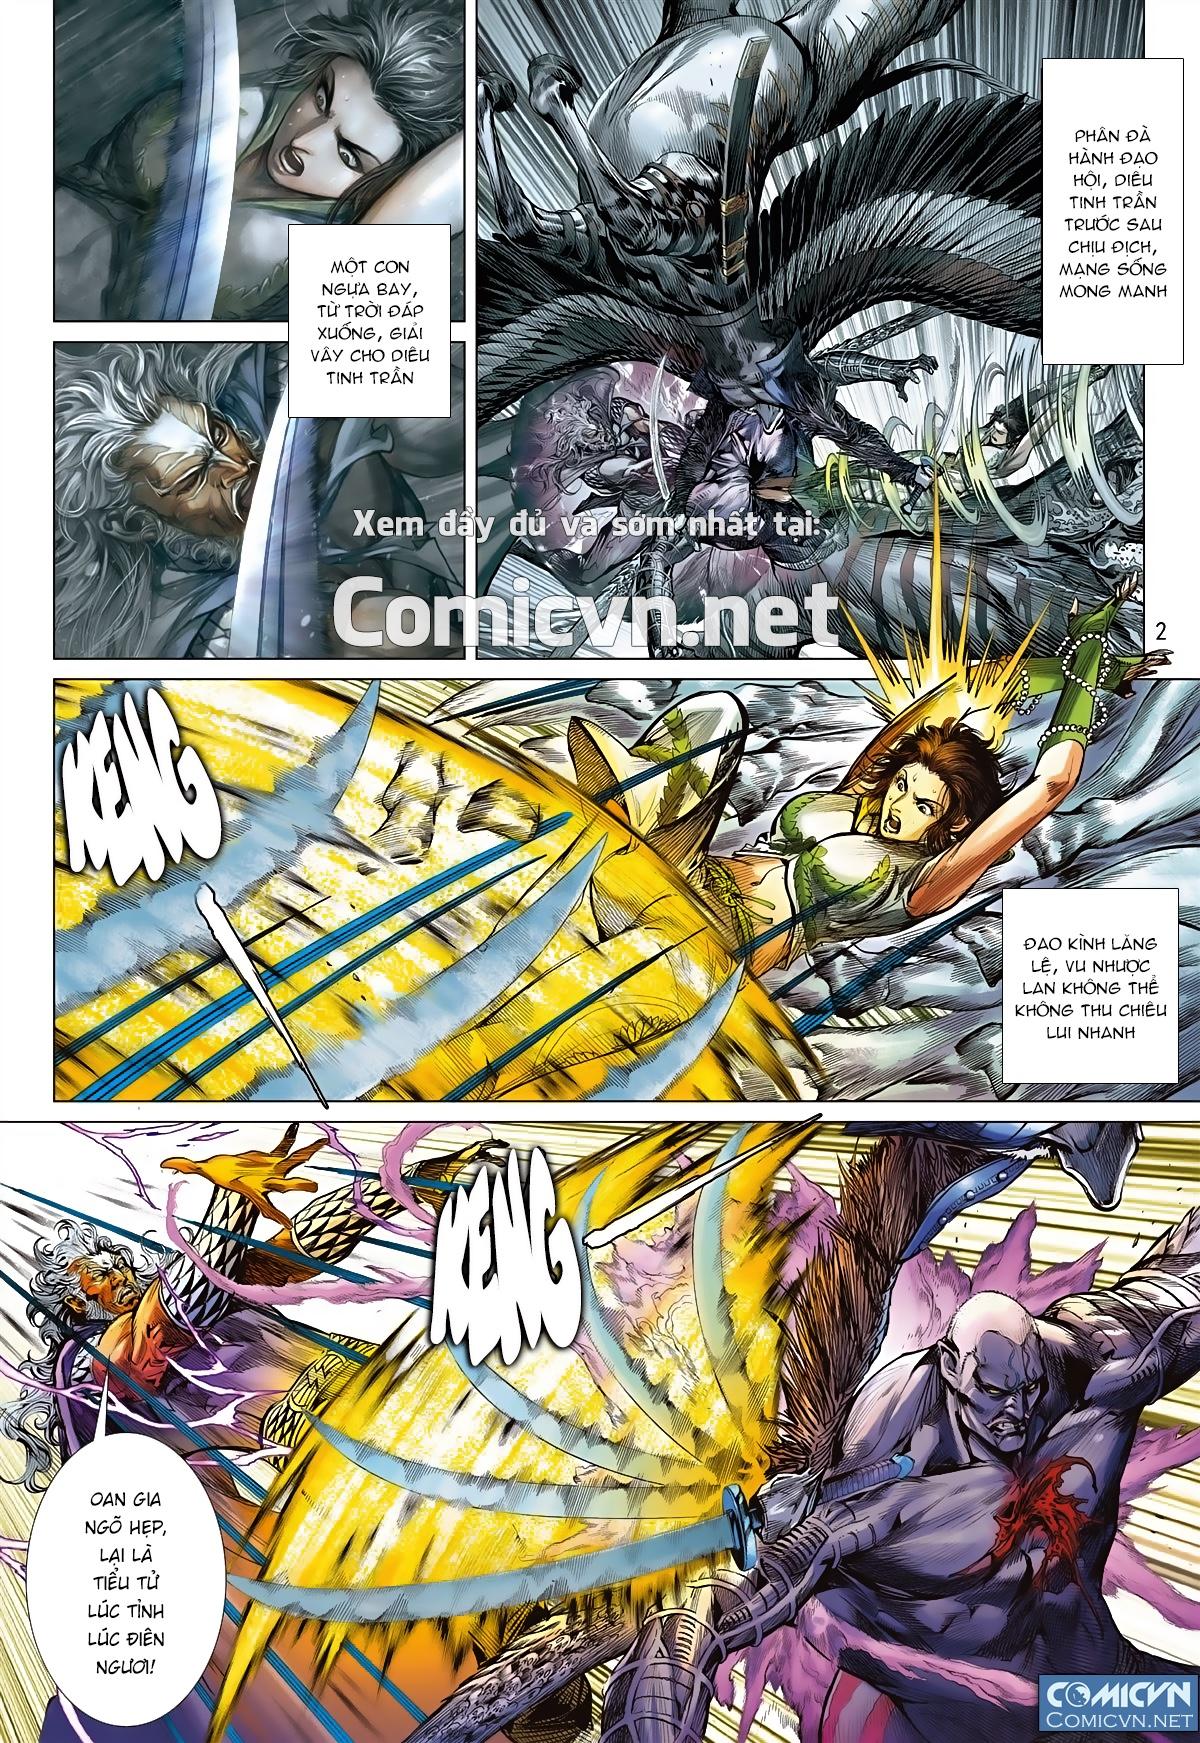 Sơn Hải Nghịch Chiến Chap 94 - Trang 2